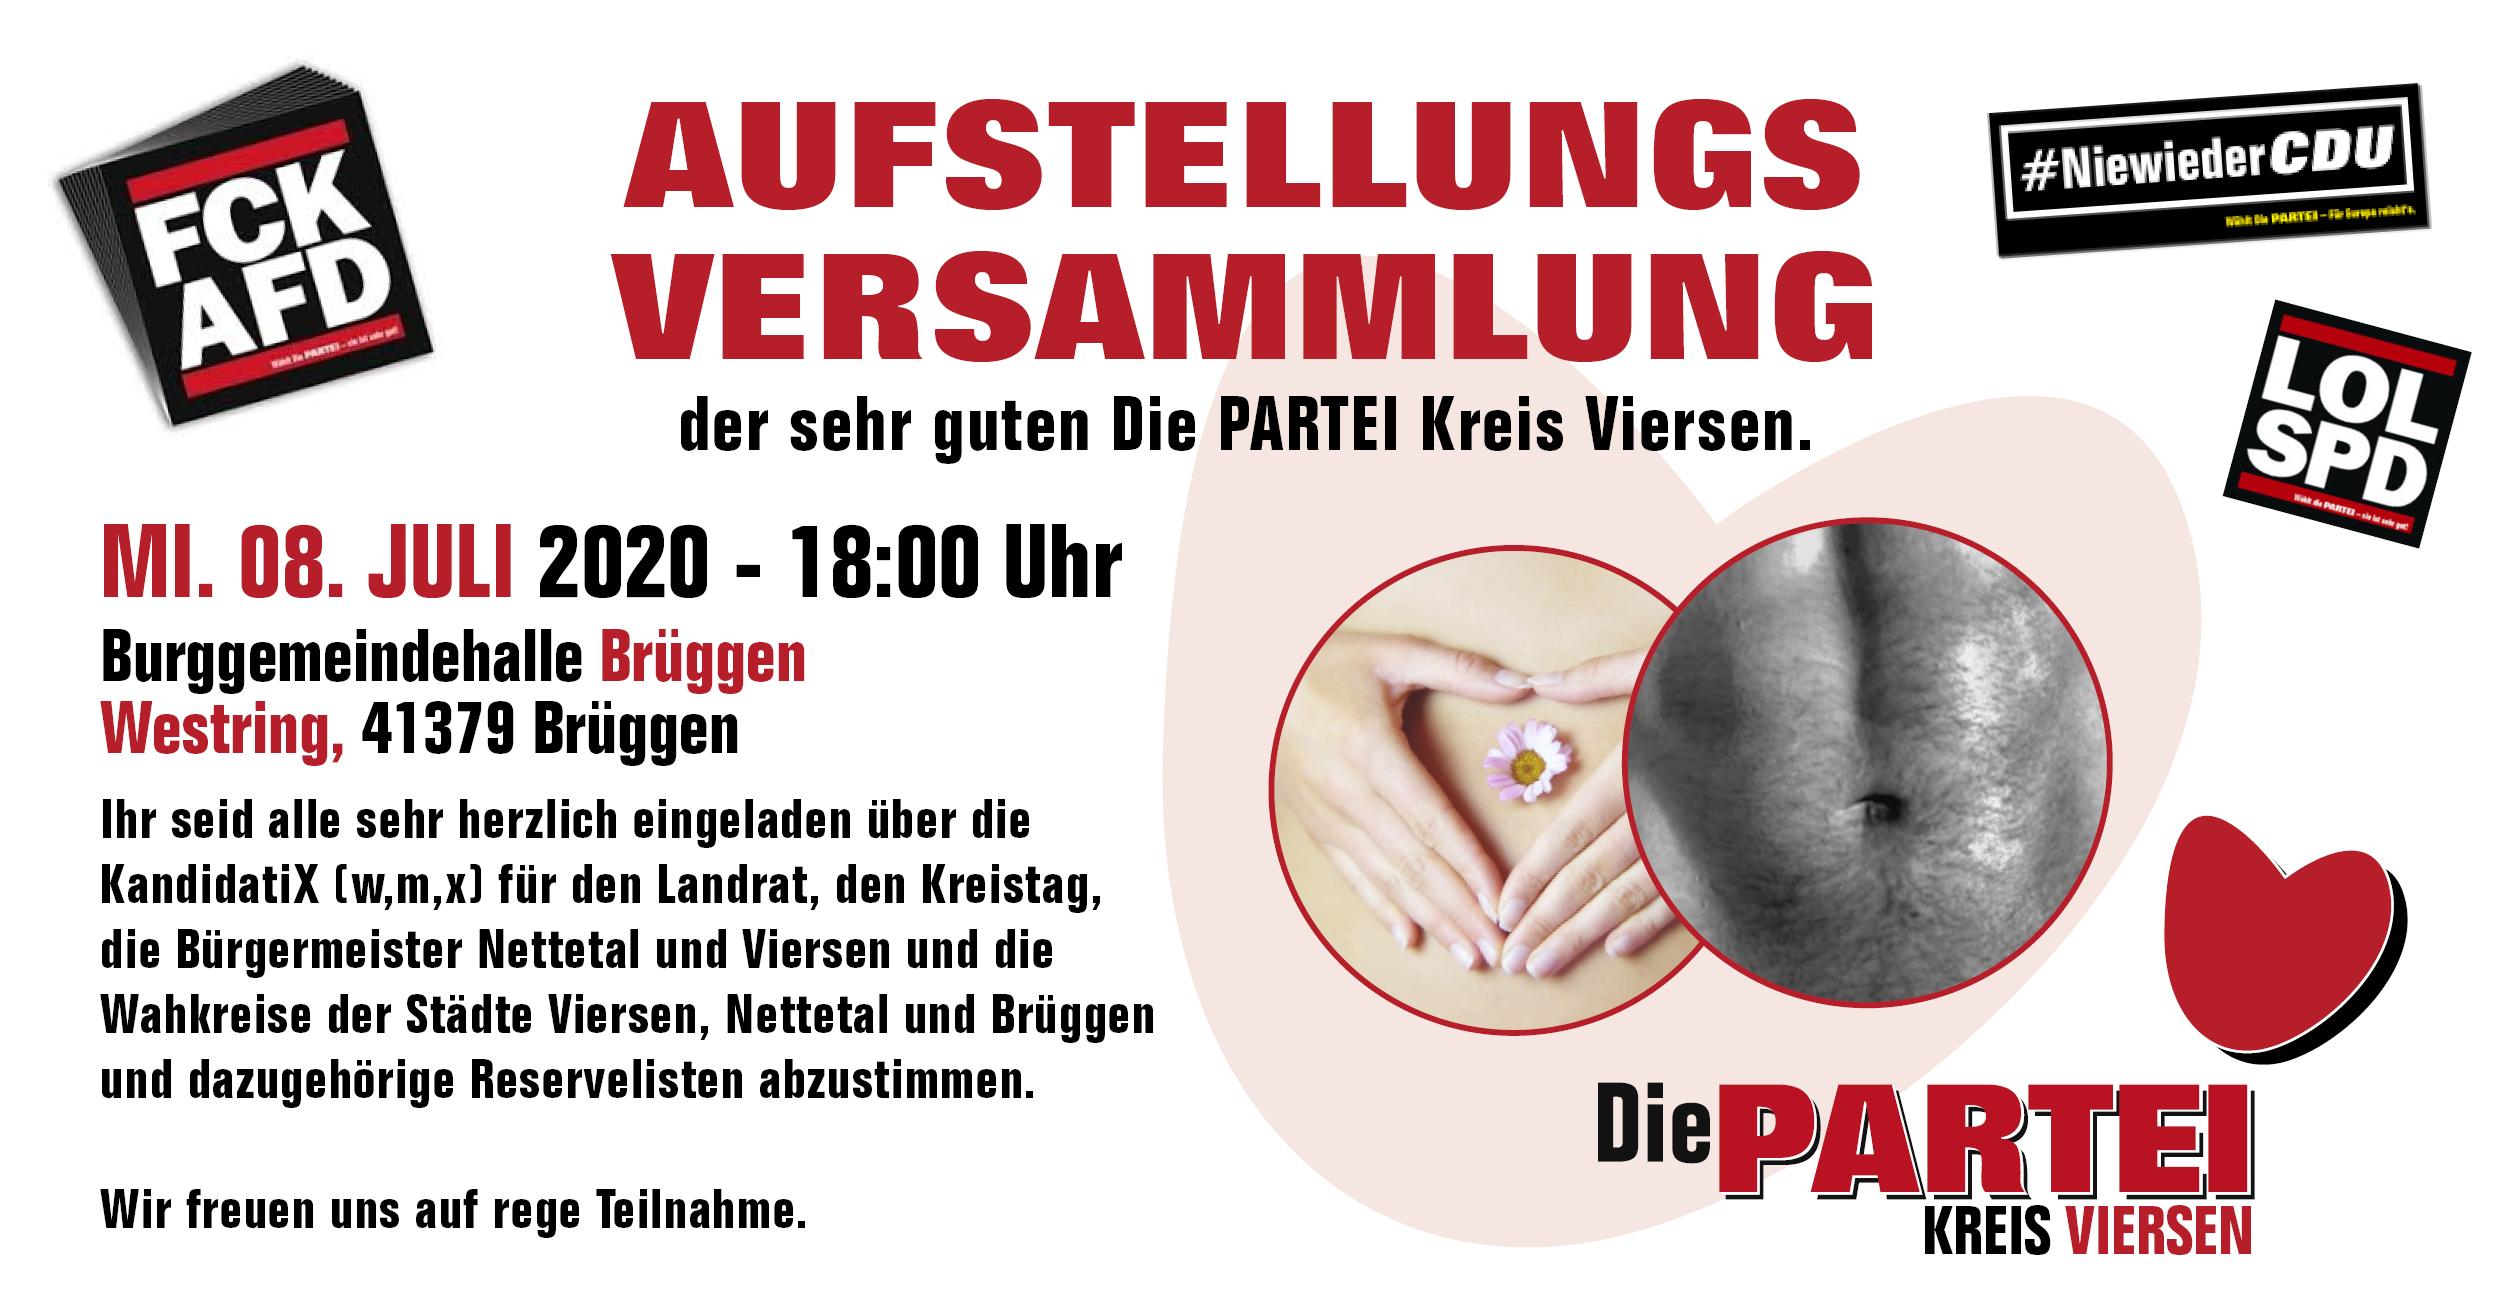 Die PARTEI Kreis Viersen: Aufstellungsversammlung für NRW-Kommunalwahlen 2020